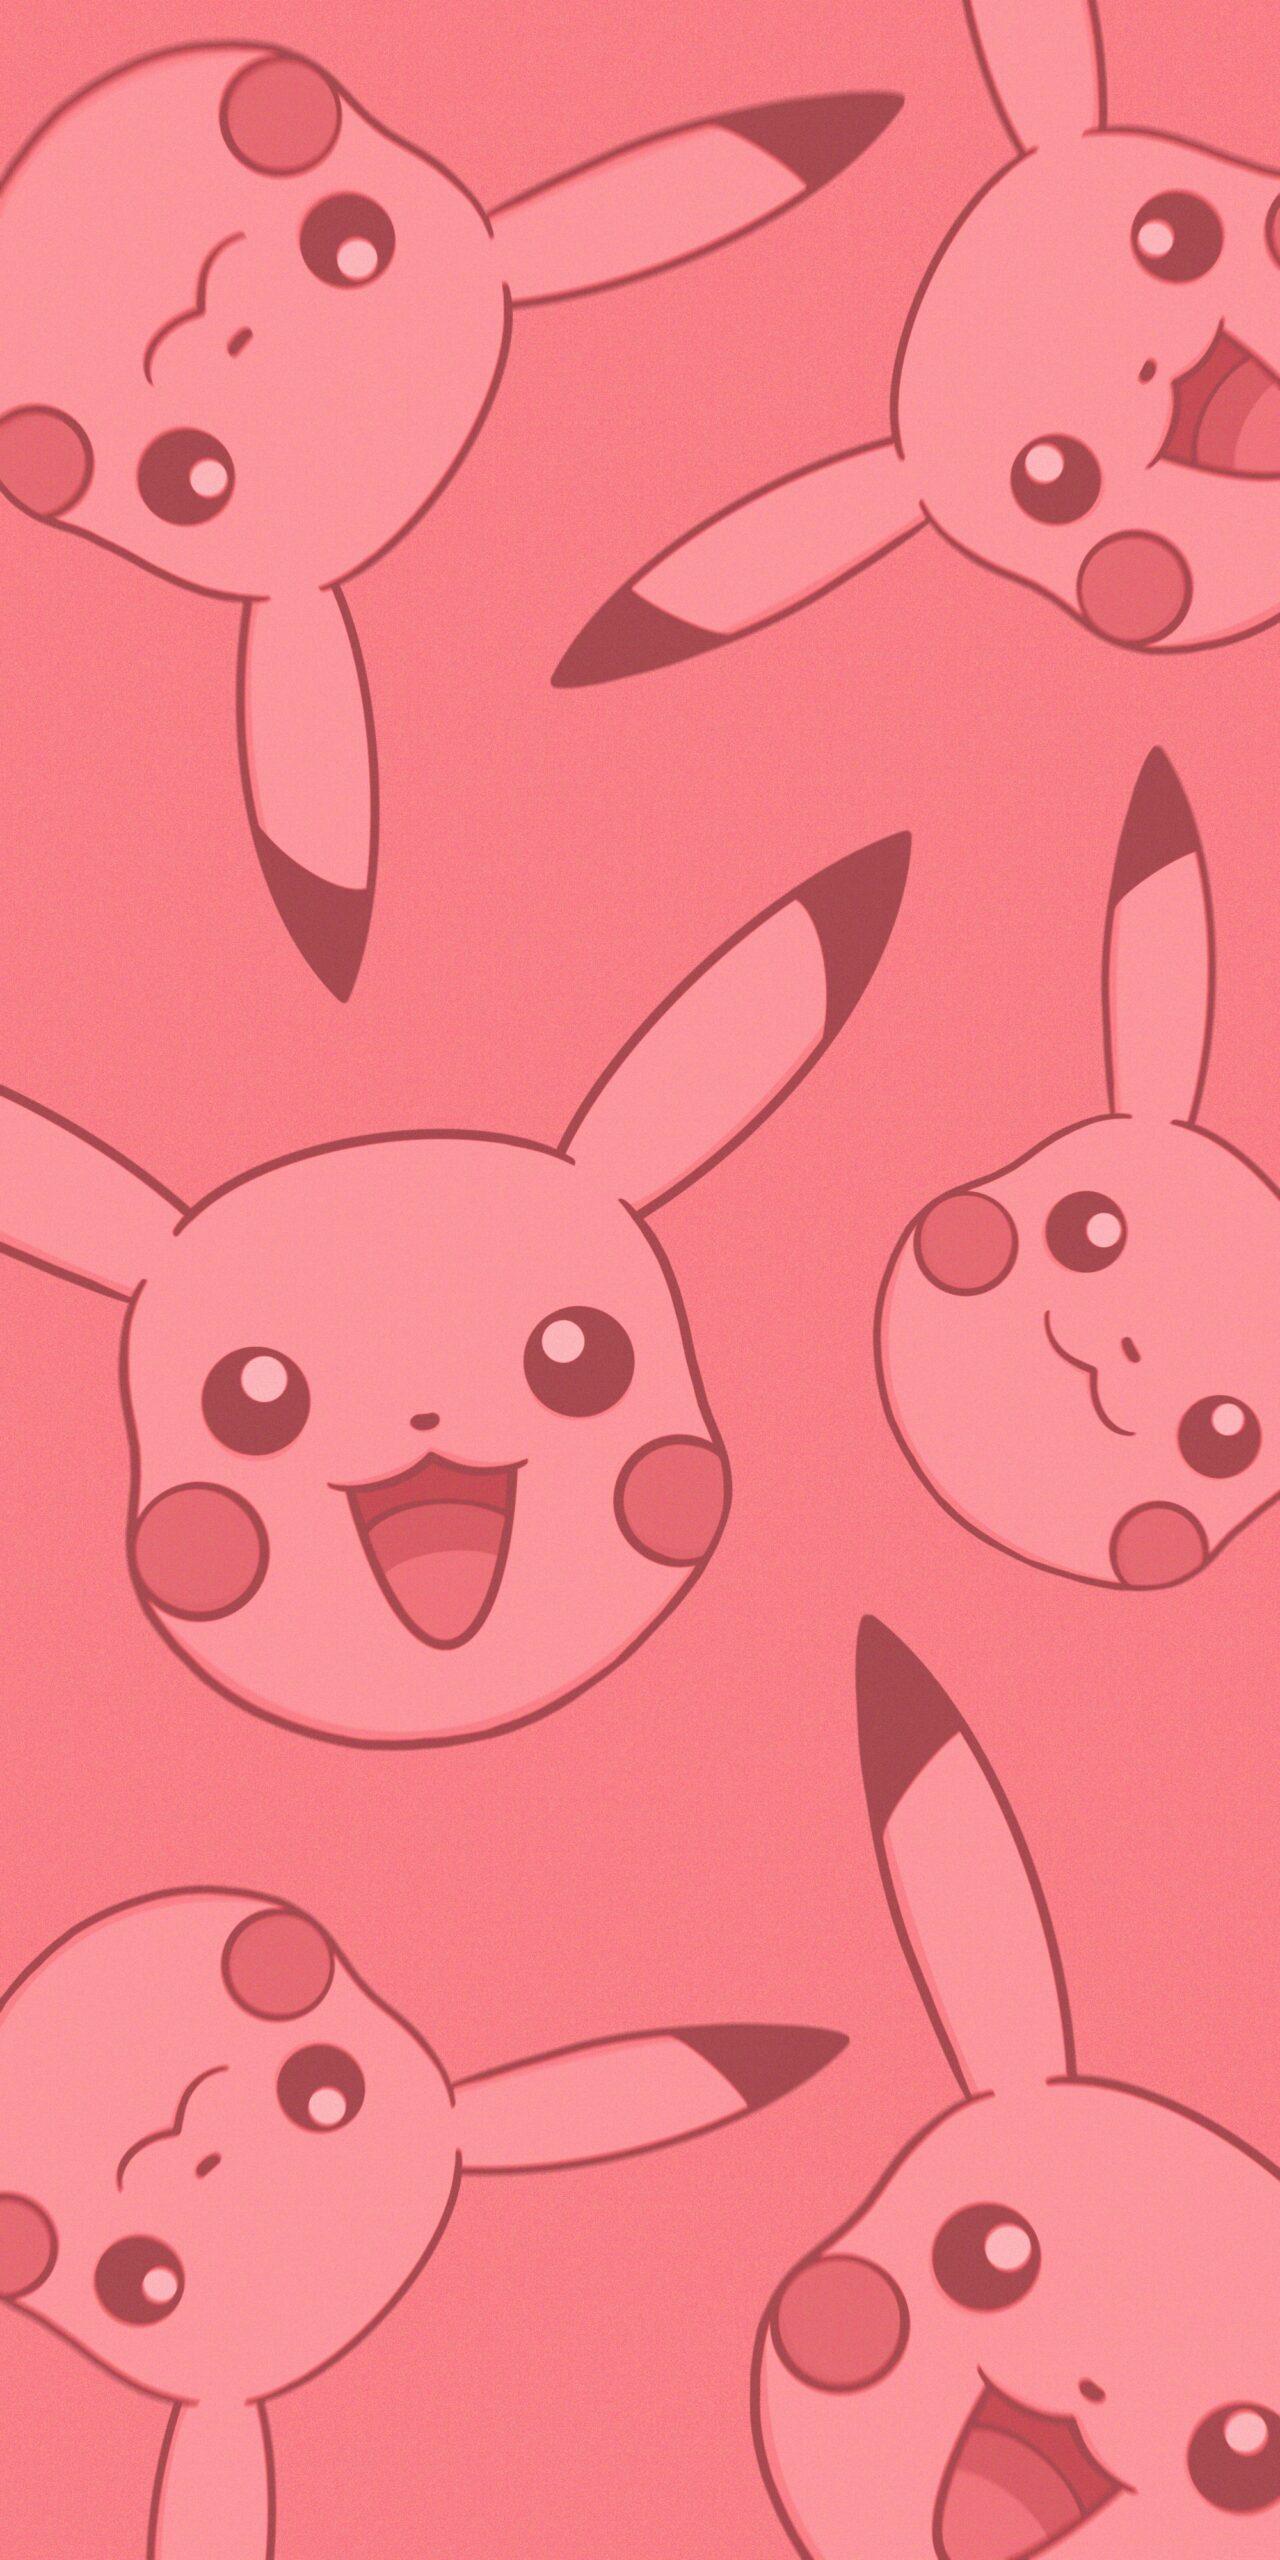 pokemon smiling pikachu pink background wallpaper jpg